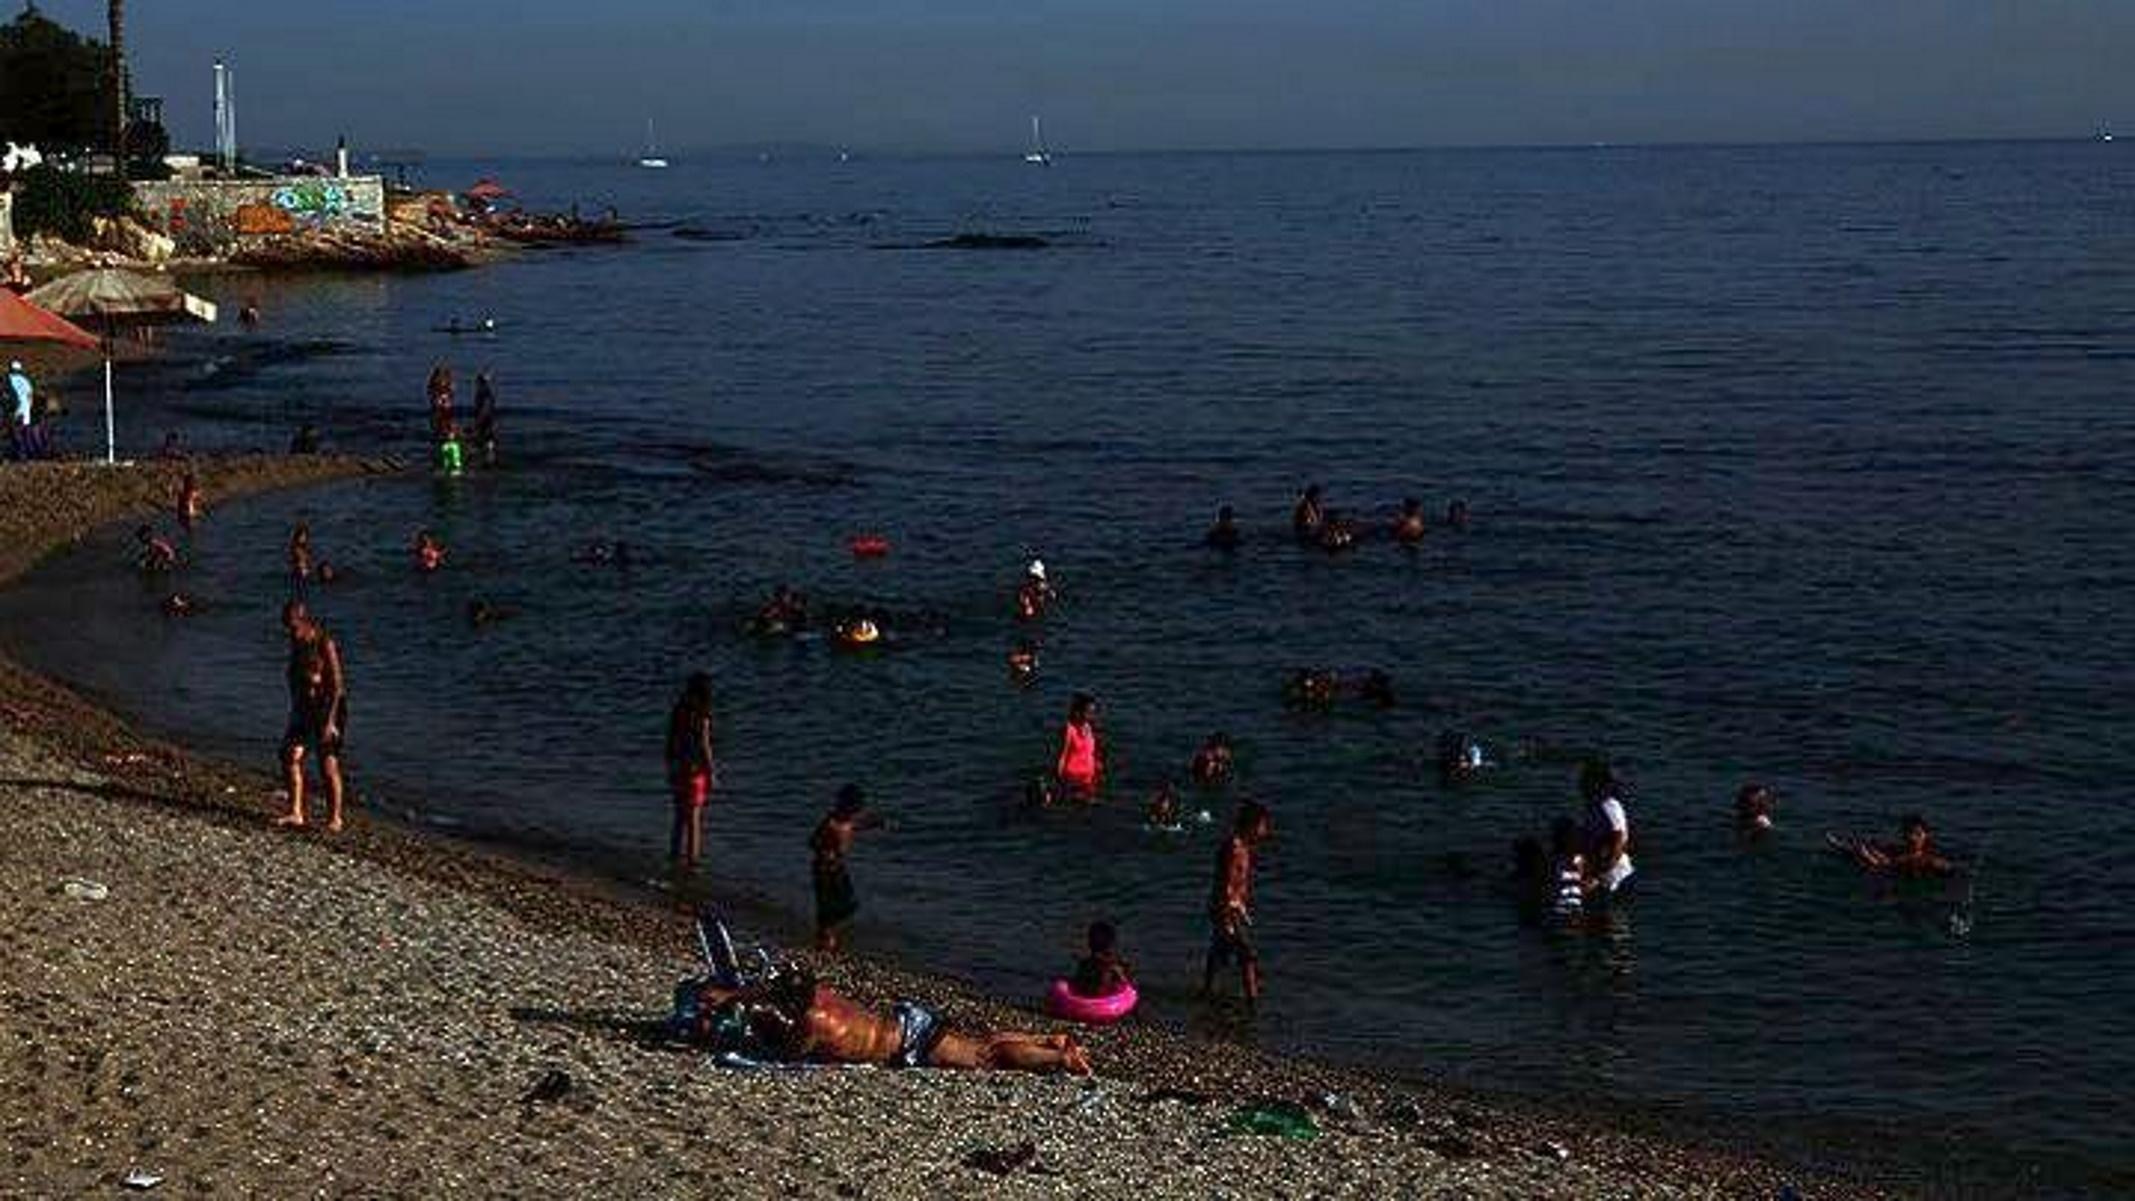 Πάτρα: Πολίστρια βούτηξε στη θάλασσα και έσωσε ηλικιωμένους που κινδύνευαν να πνιγούν